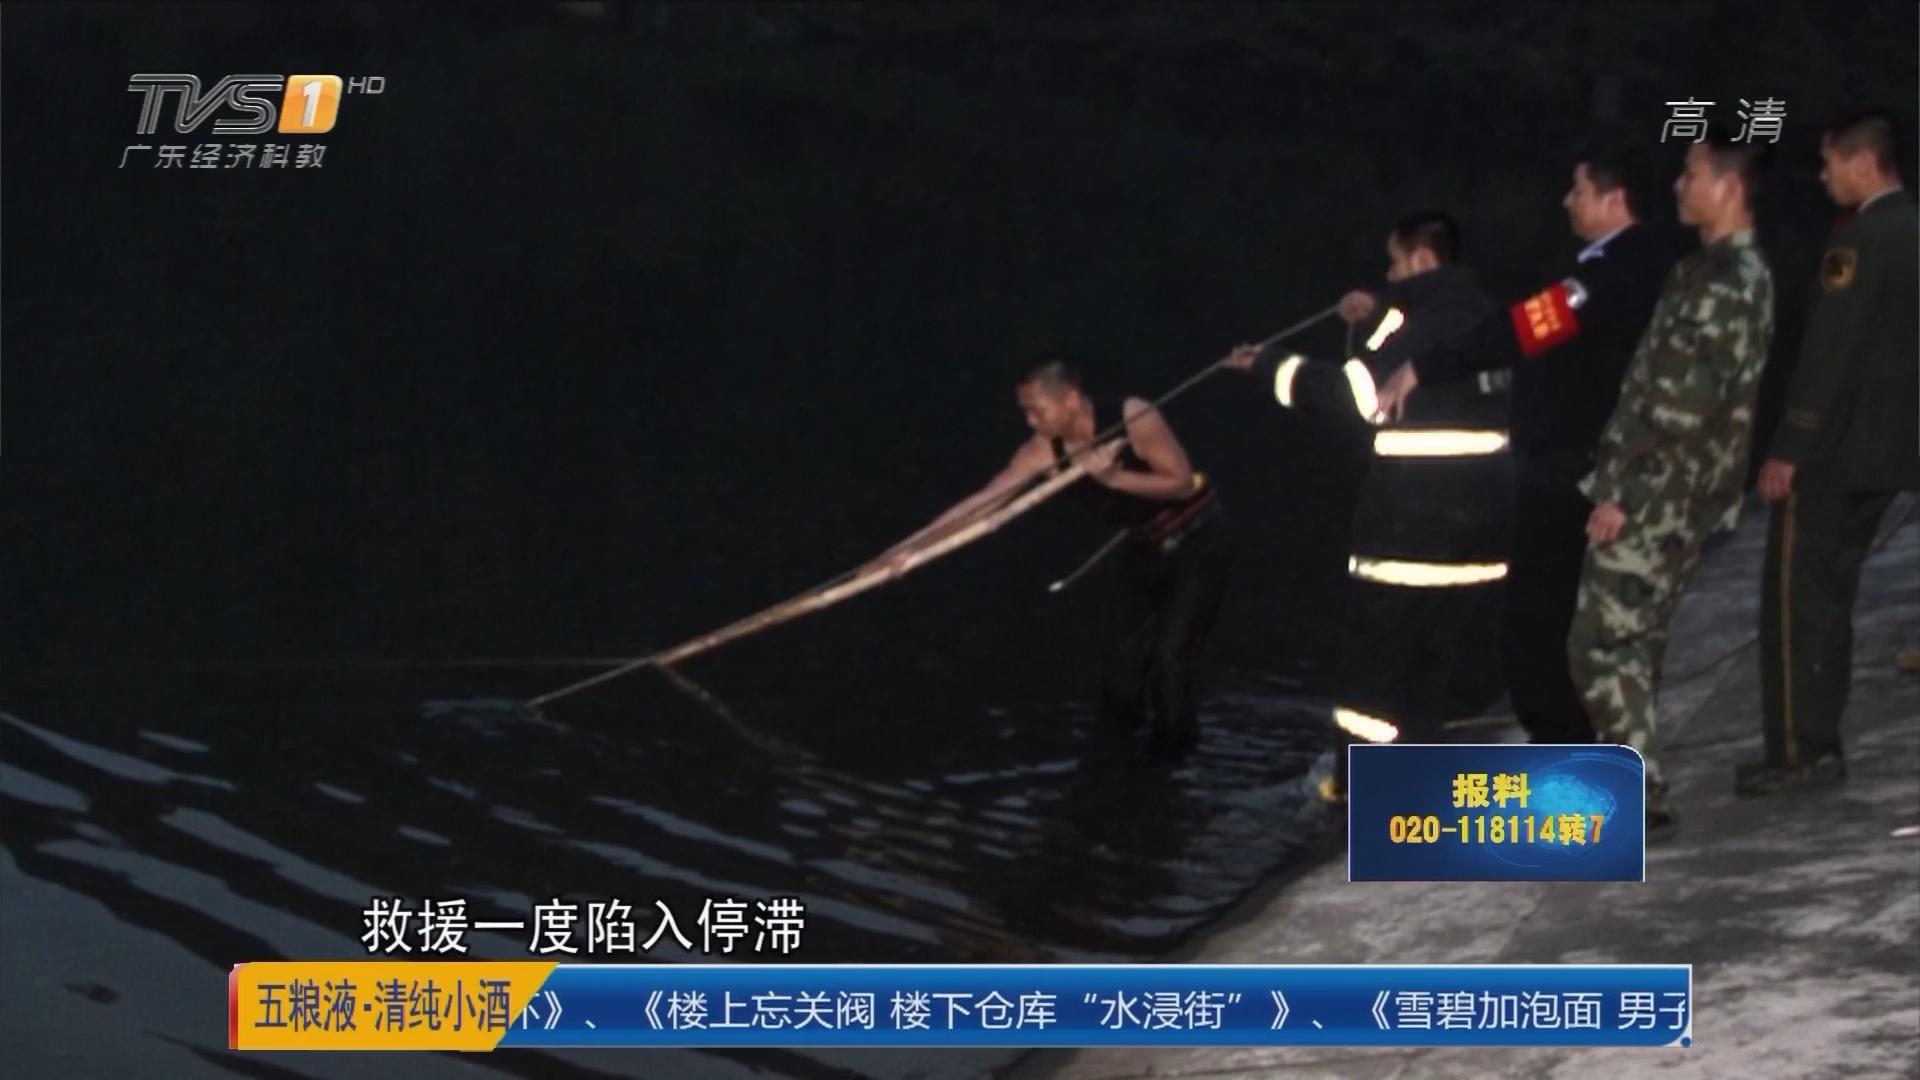 惠州惠阳:游野泳遇险 多方紧急搜救